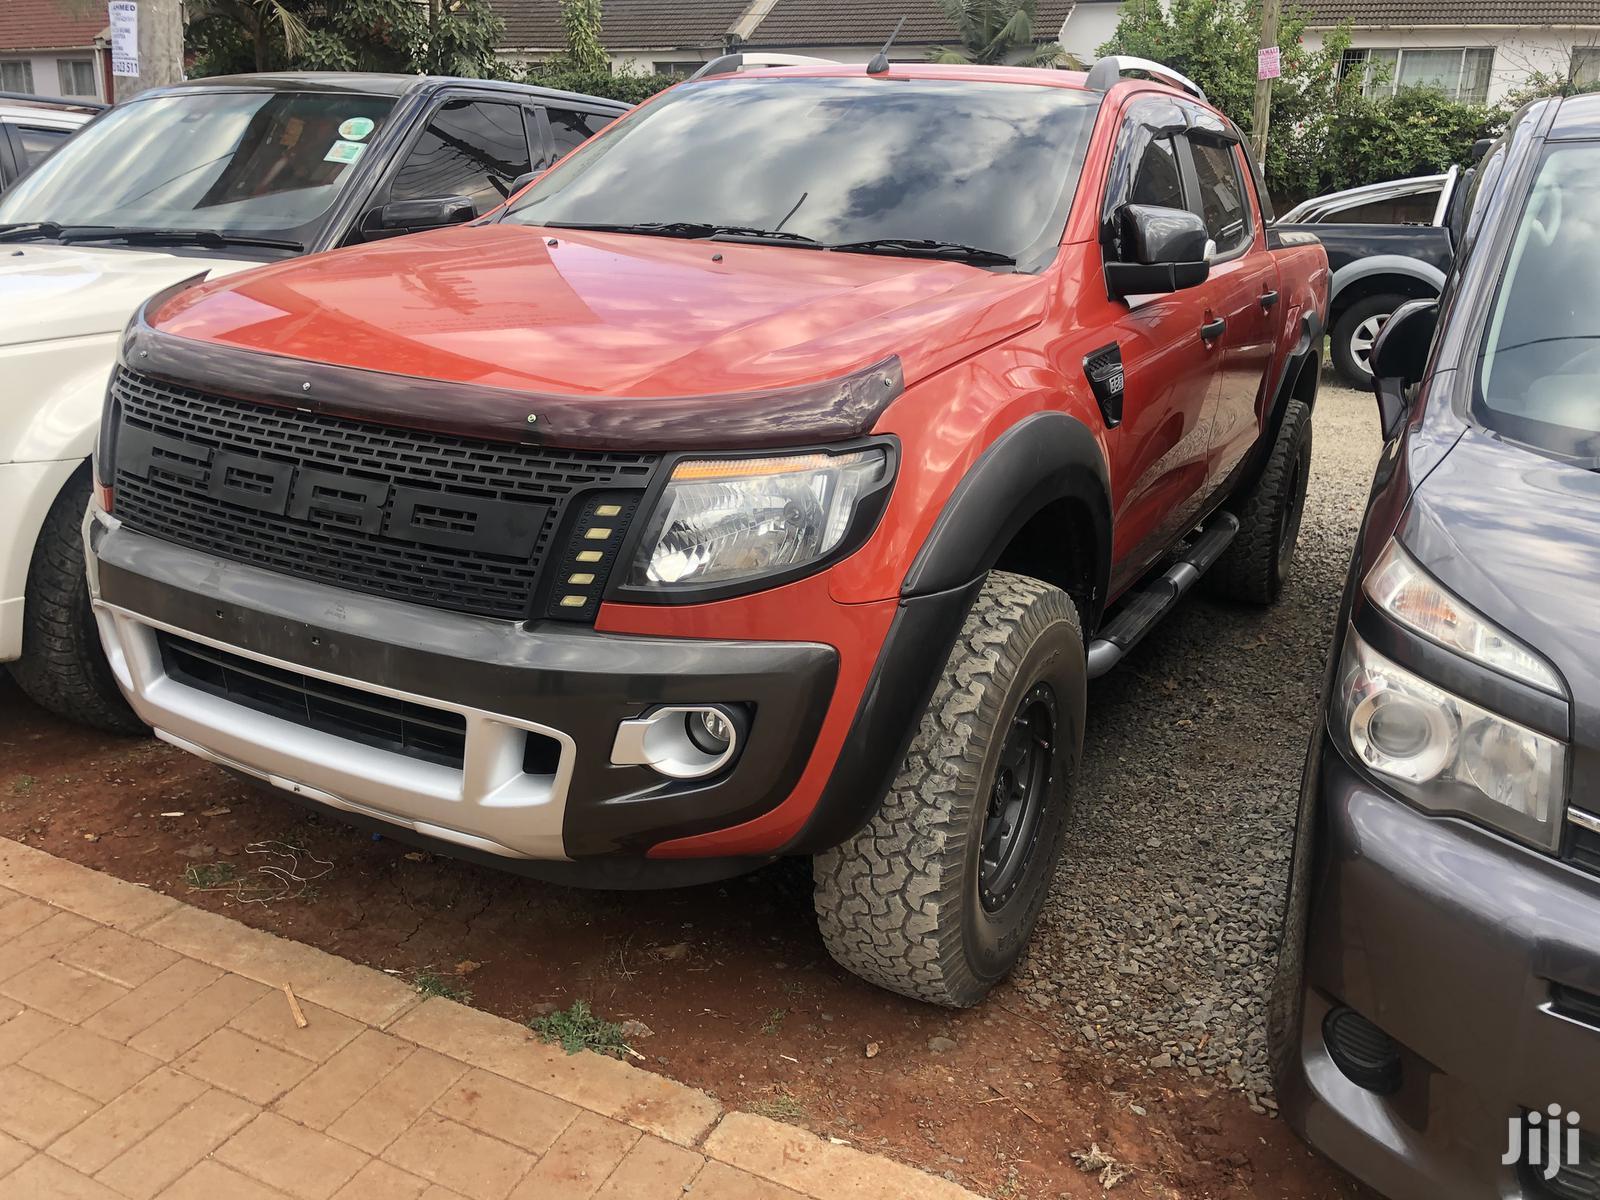 Archive: Ford Ranger 2014 Orange